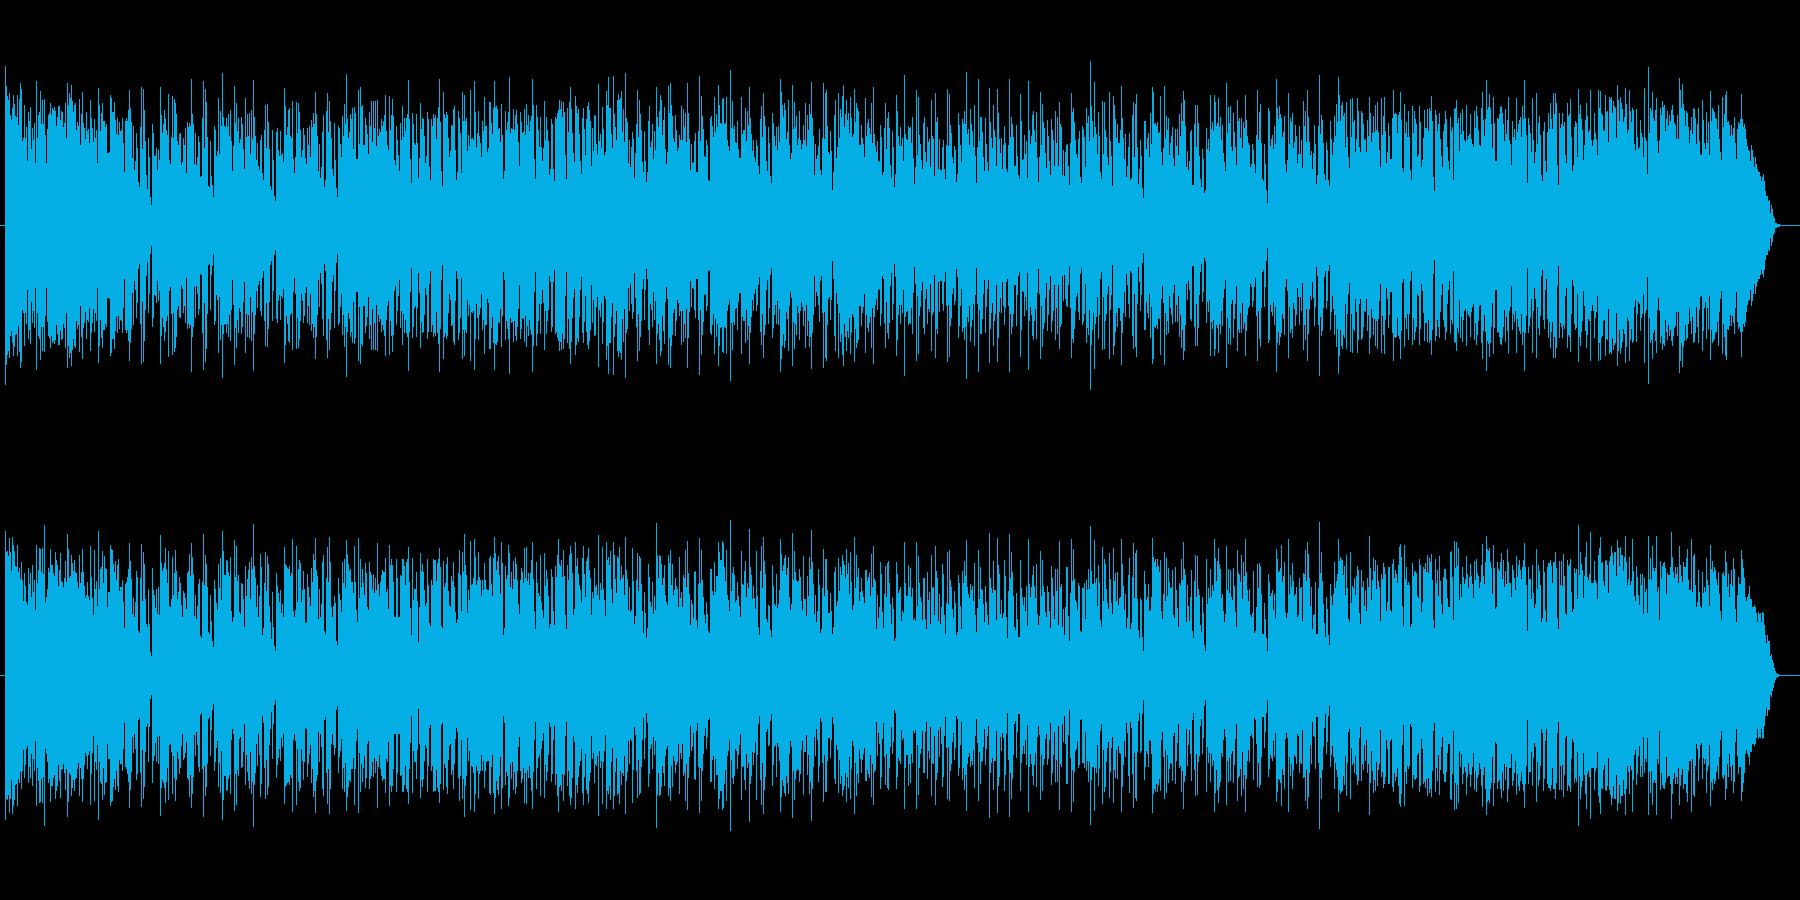 煌びやかで温もりあるポップバラードの再生済みの波形